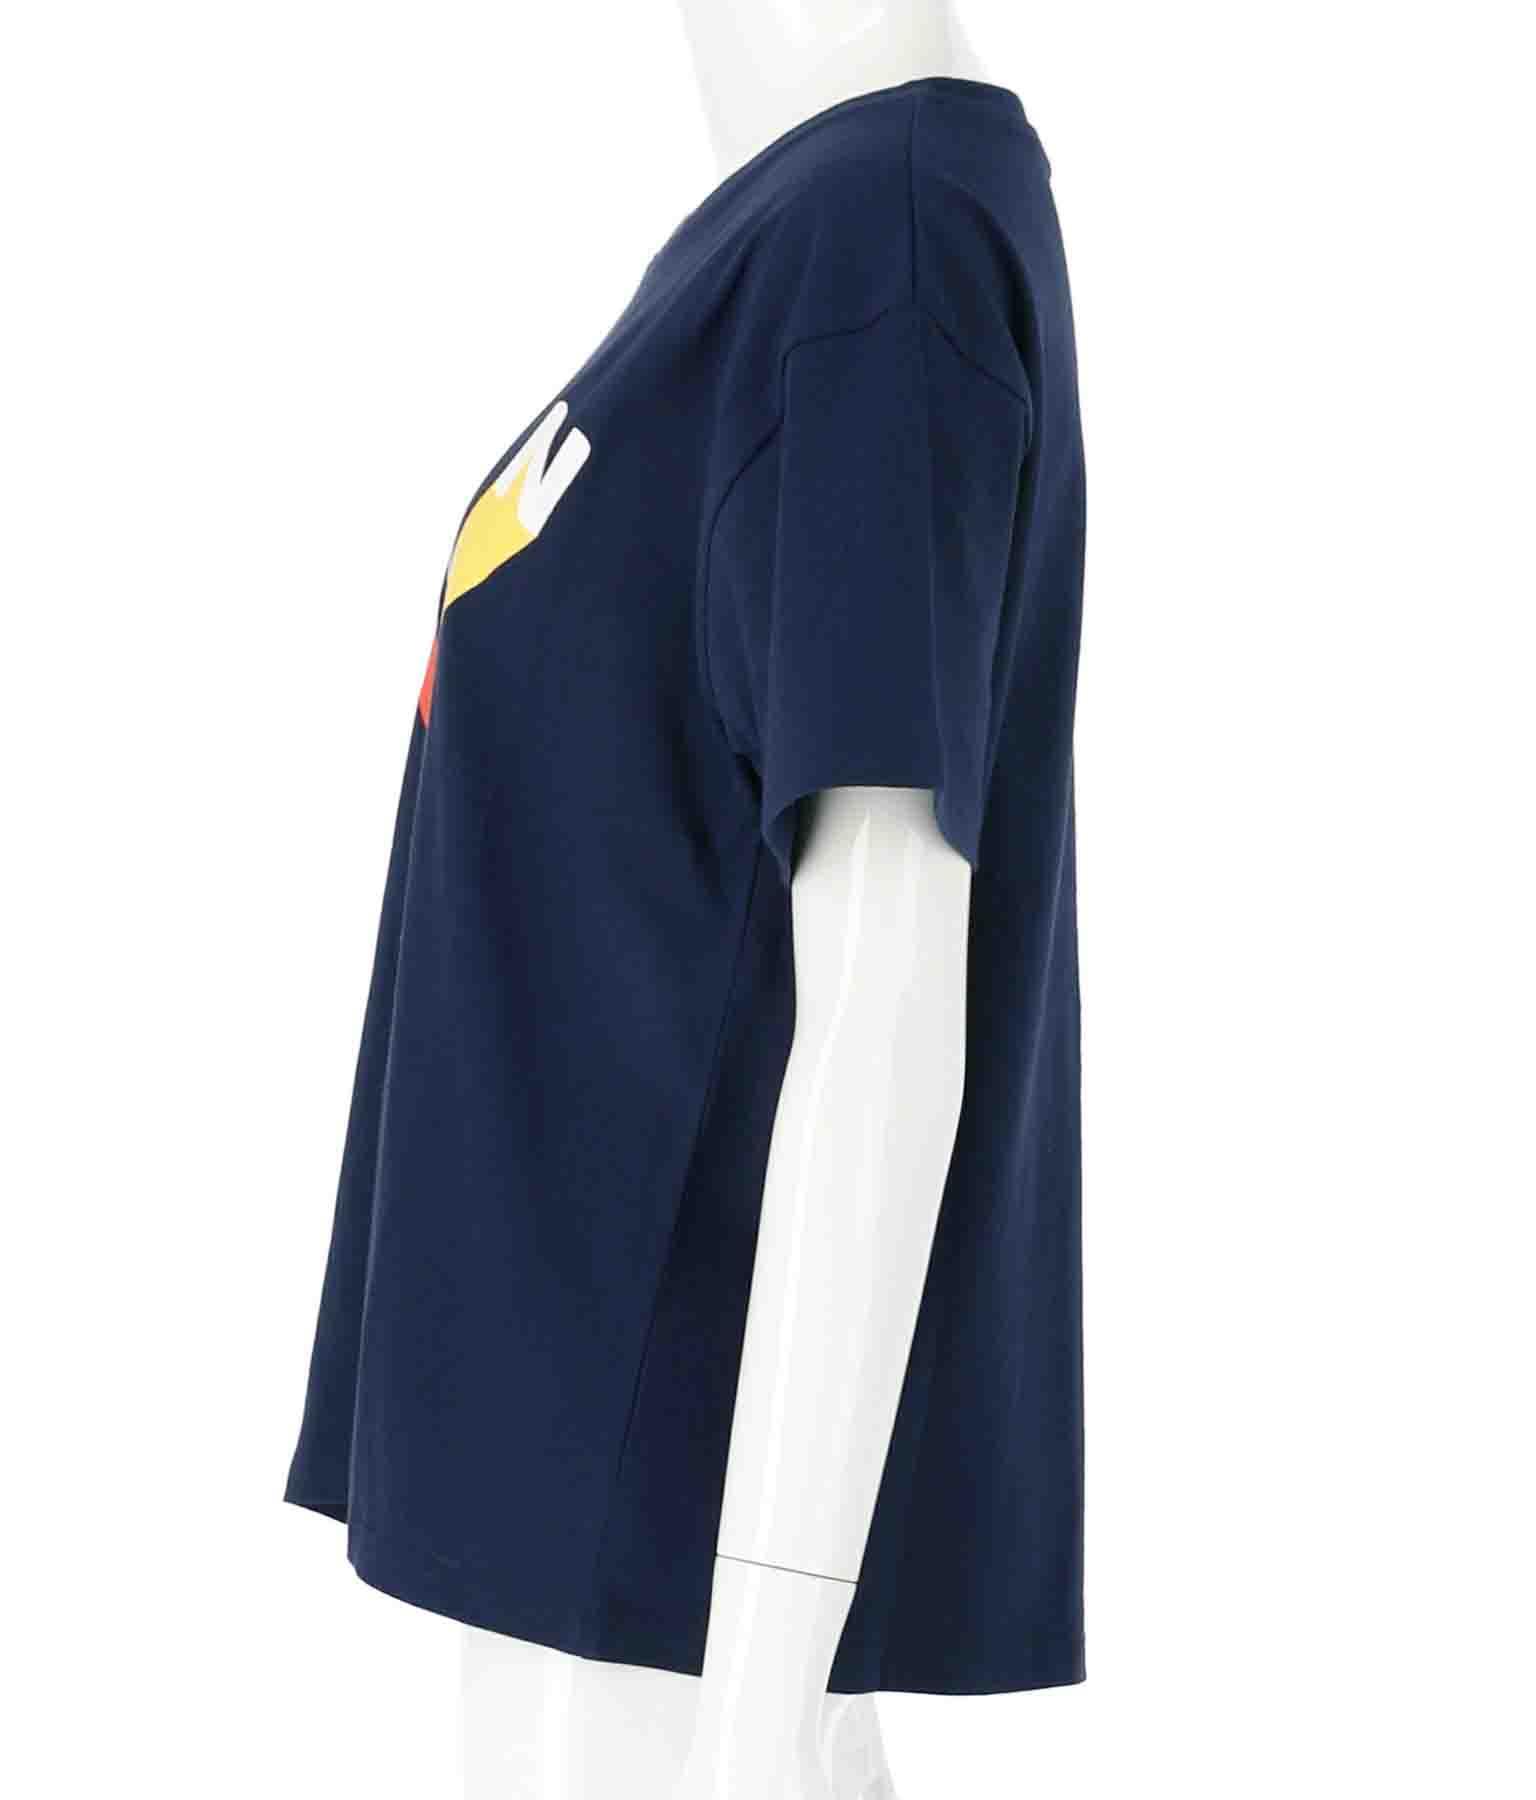 レディス Tシャツ(トップス/Tシャツ) | OP Ocean Pacific